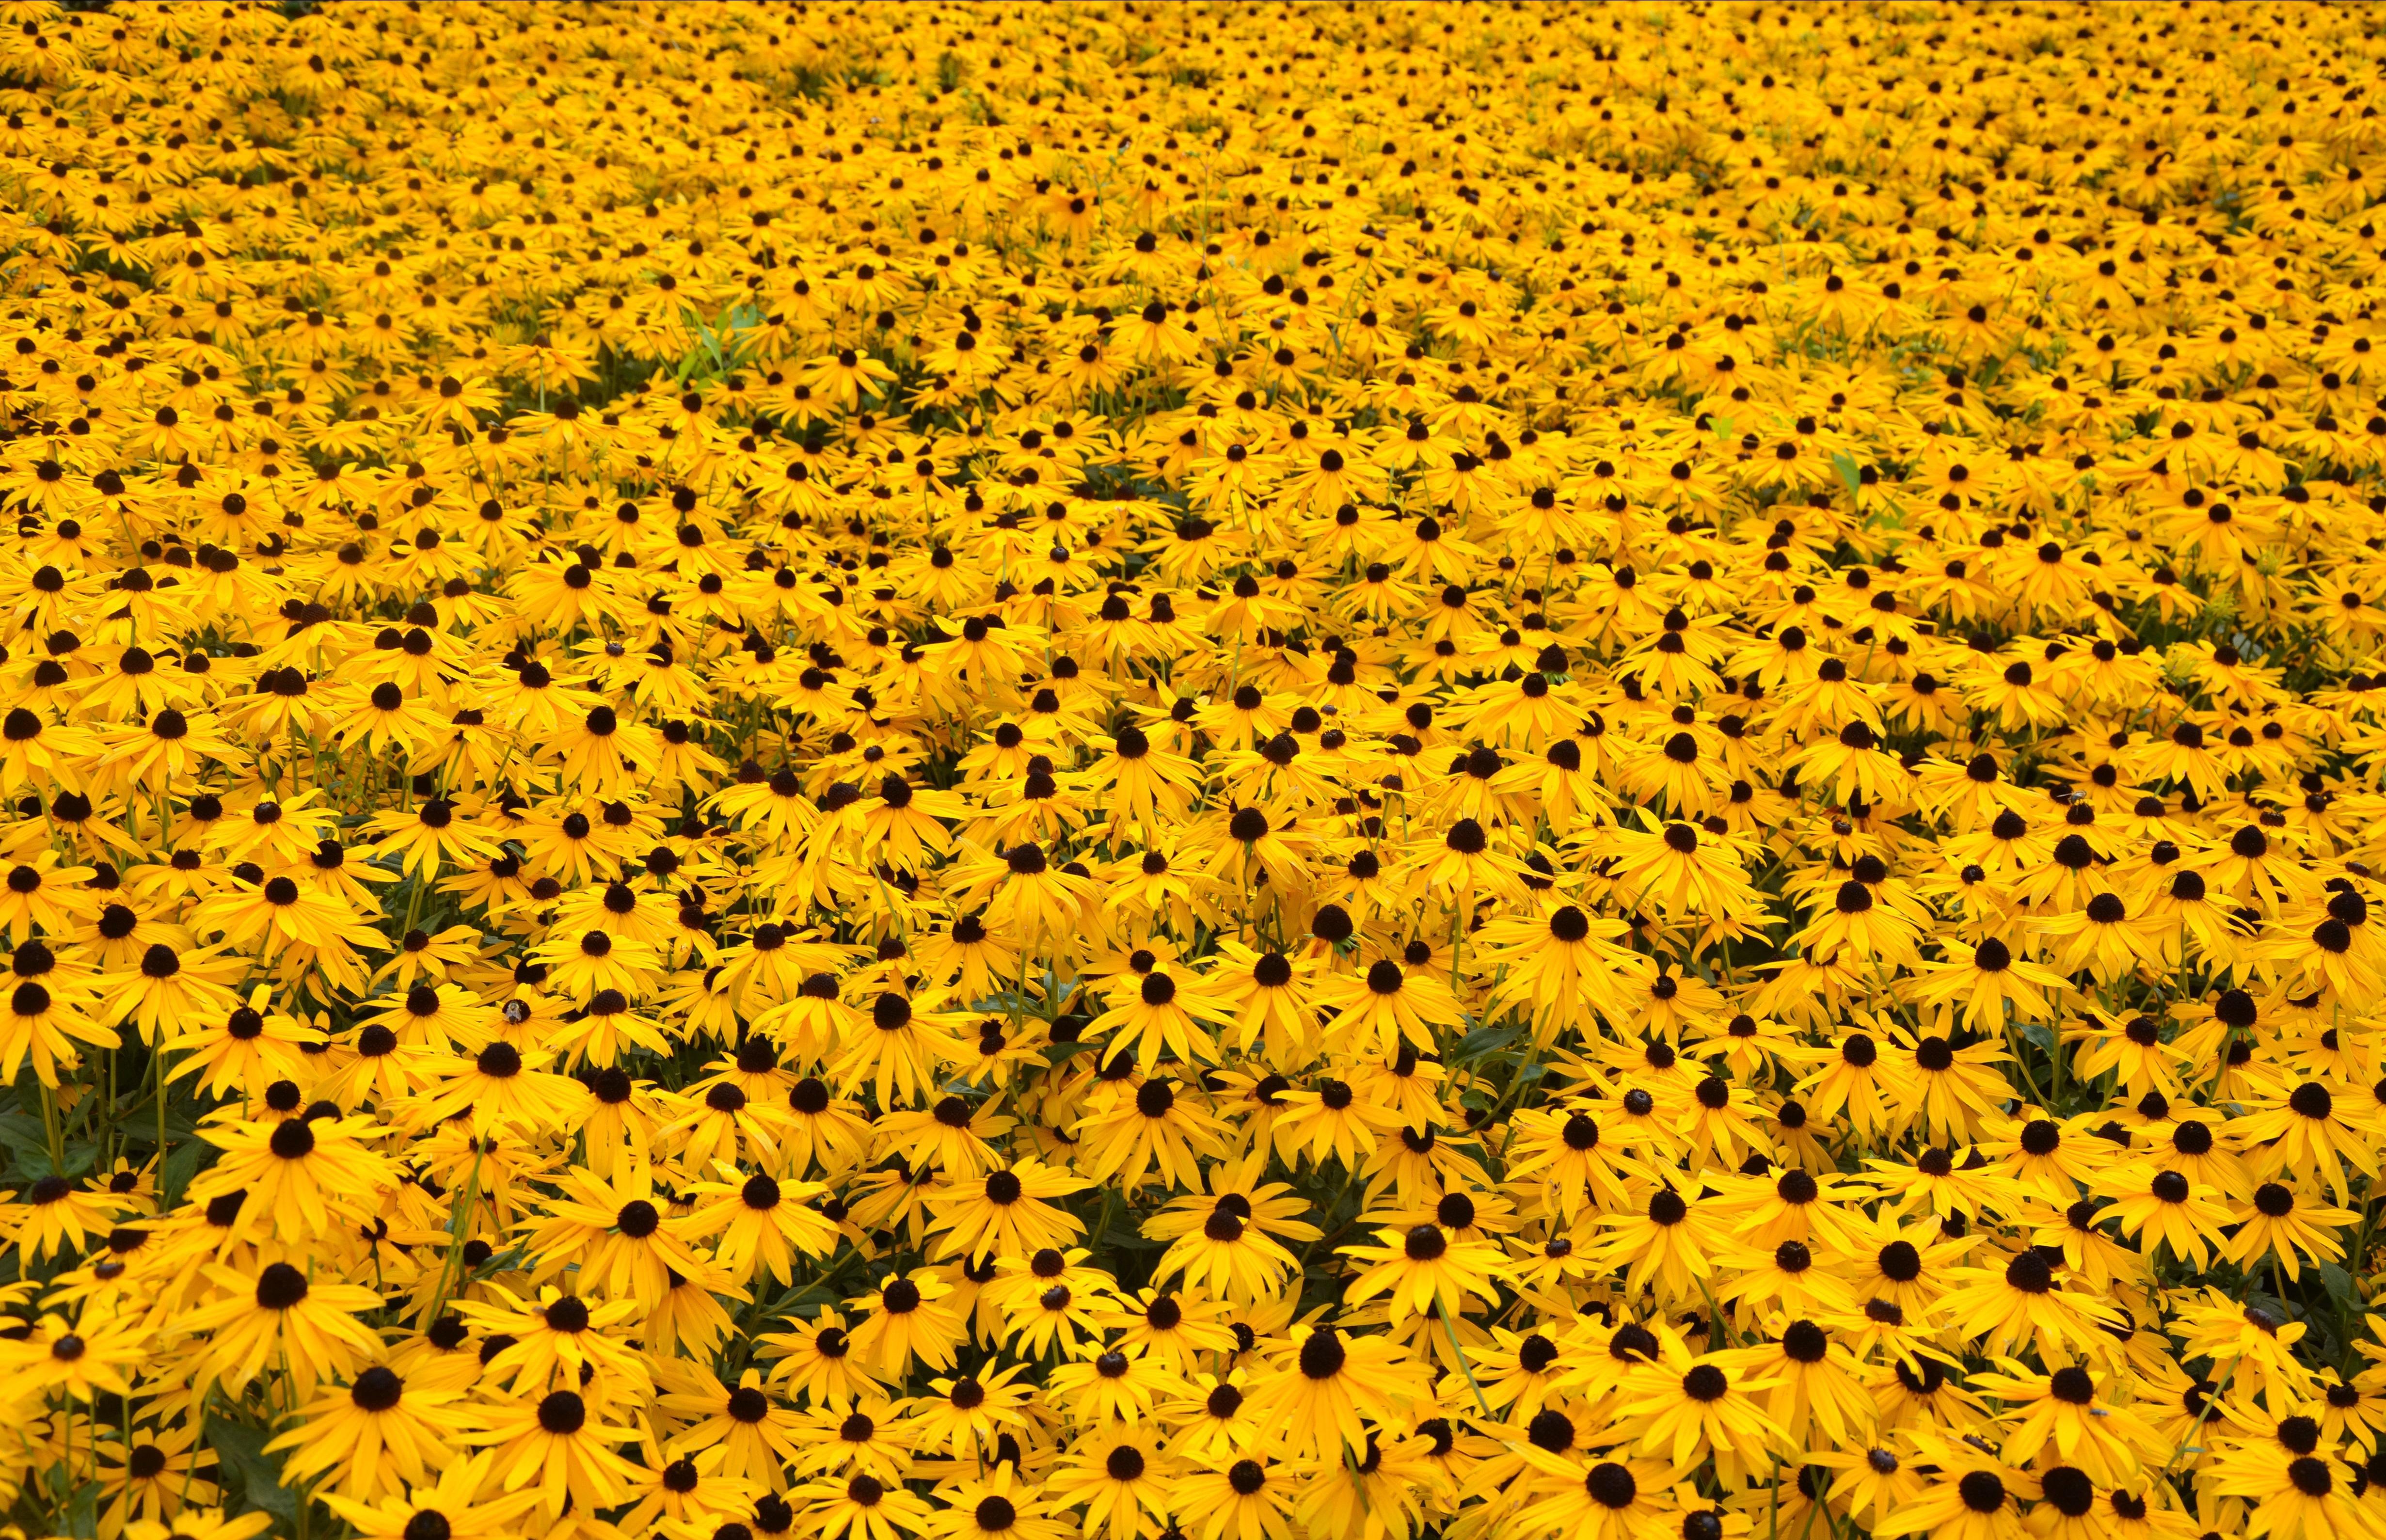 Yellow Flowers Computer Wallpaper Hufflepuff Sunflowers 1051757 Hd Wallpaper Backgrounds Download